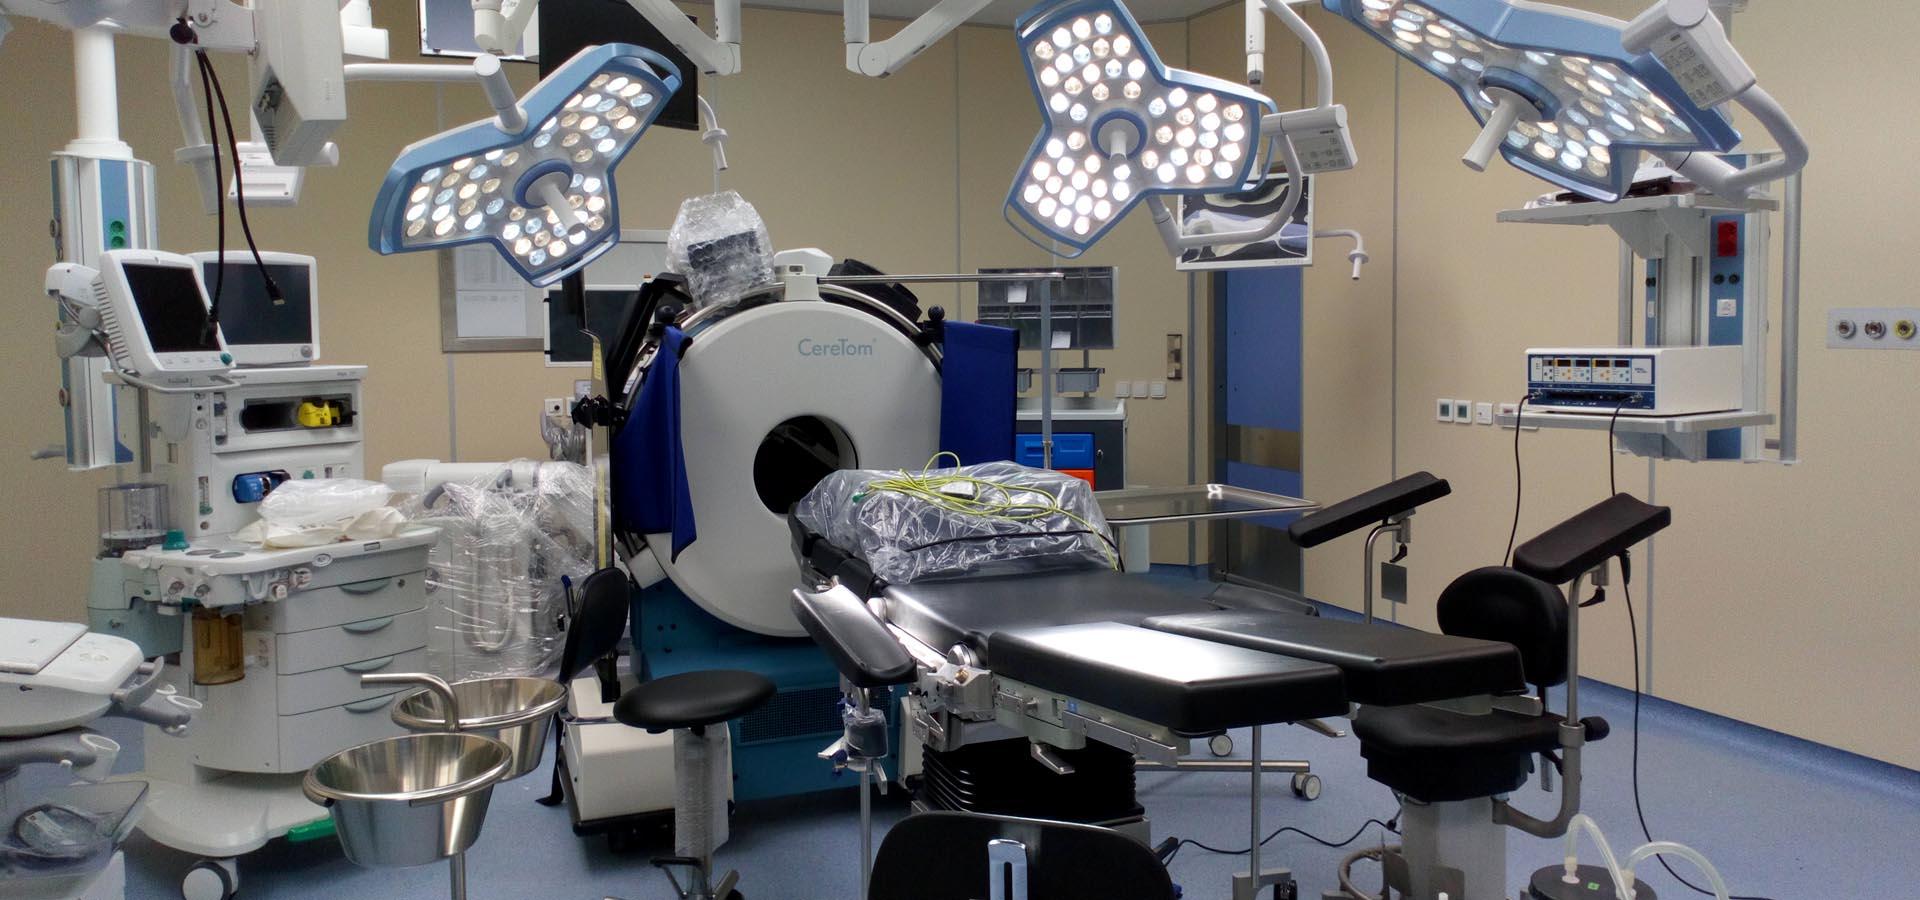 Νέα πτέρυγα χειρουργείων στοΠανεπιστημιακό Γενικό Νοσοκομείο ΑΧΕΠΑ Θεσσαλονίκης